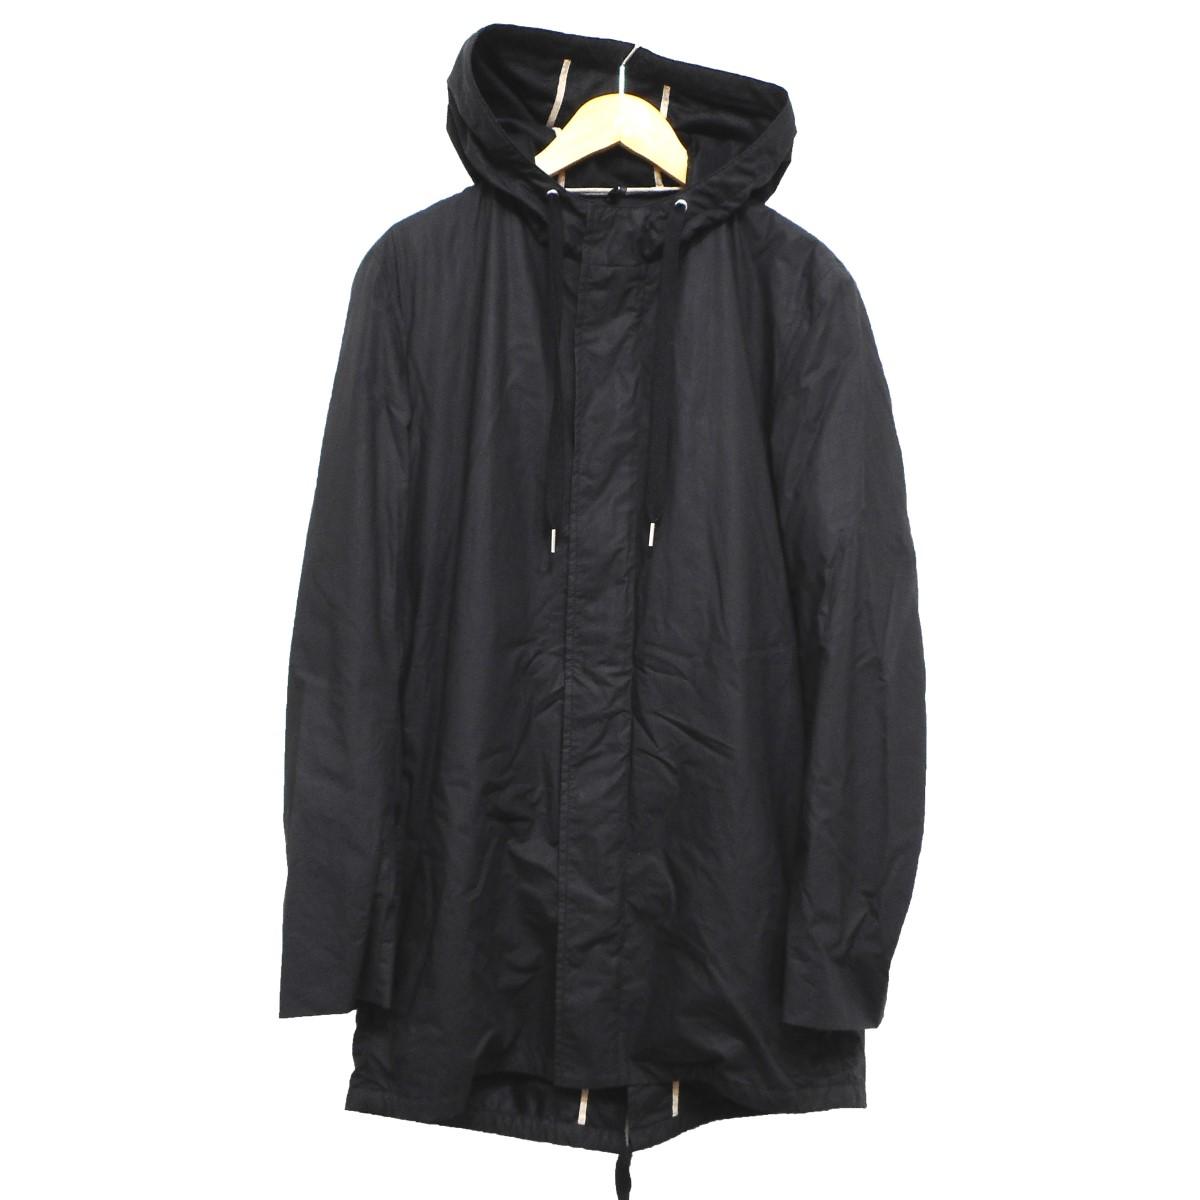 【中古】Dior Homme コーティングモッズコート ブラック サイズ:44 【250919】(ディオールオム)